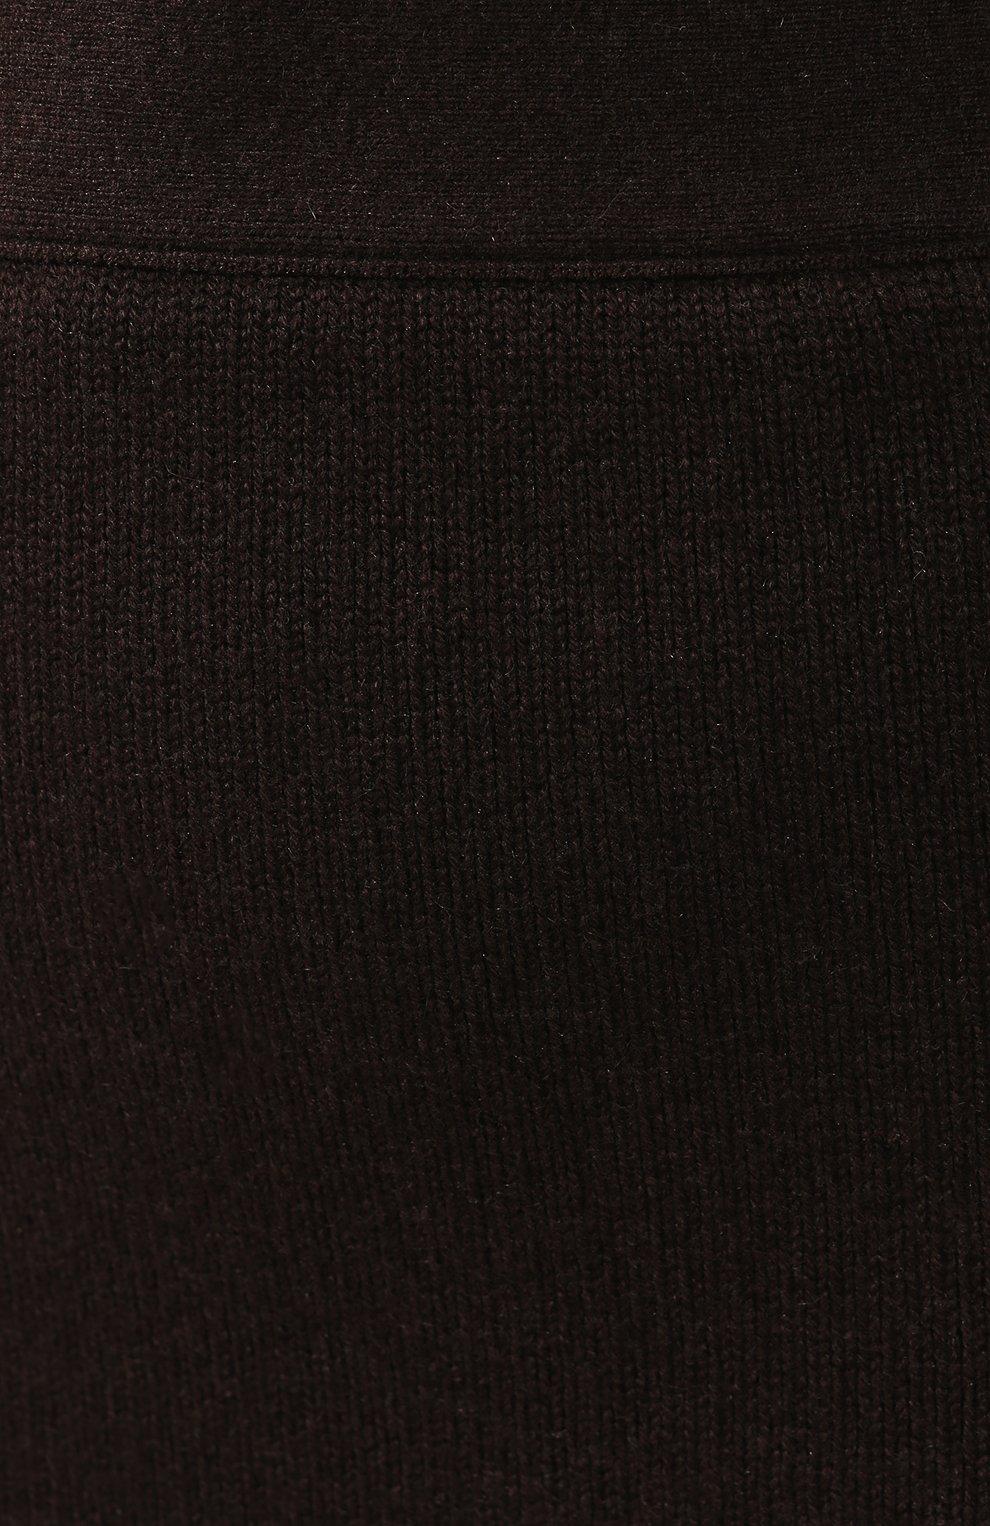 Женская кашемировая юбка TOM FORD коричневого цвета, арт. GCK079-YAX226 | Фото 5